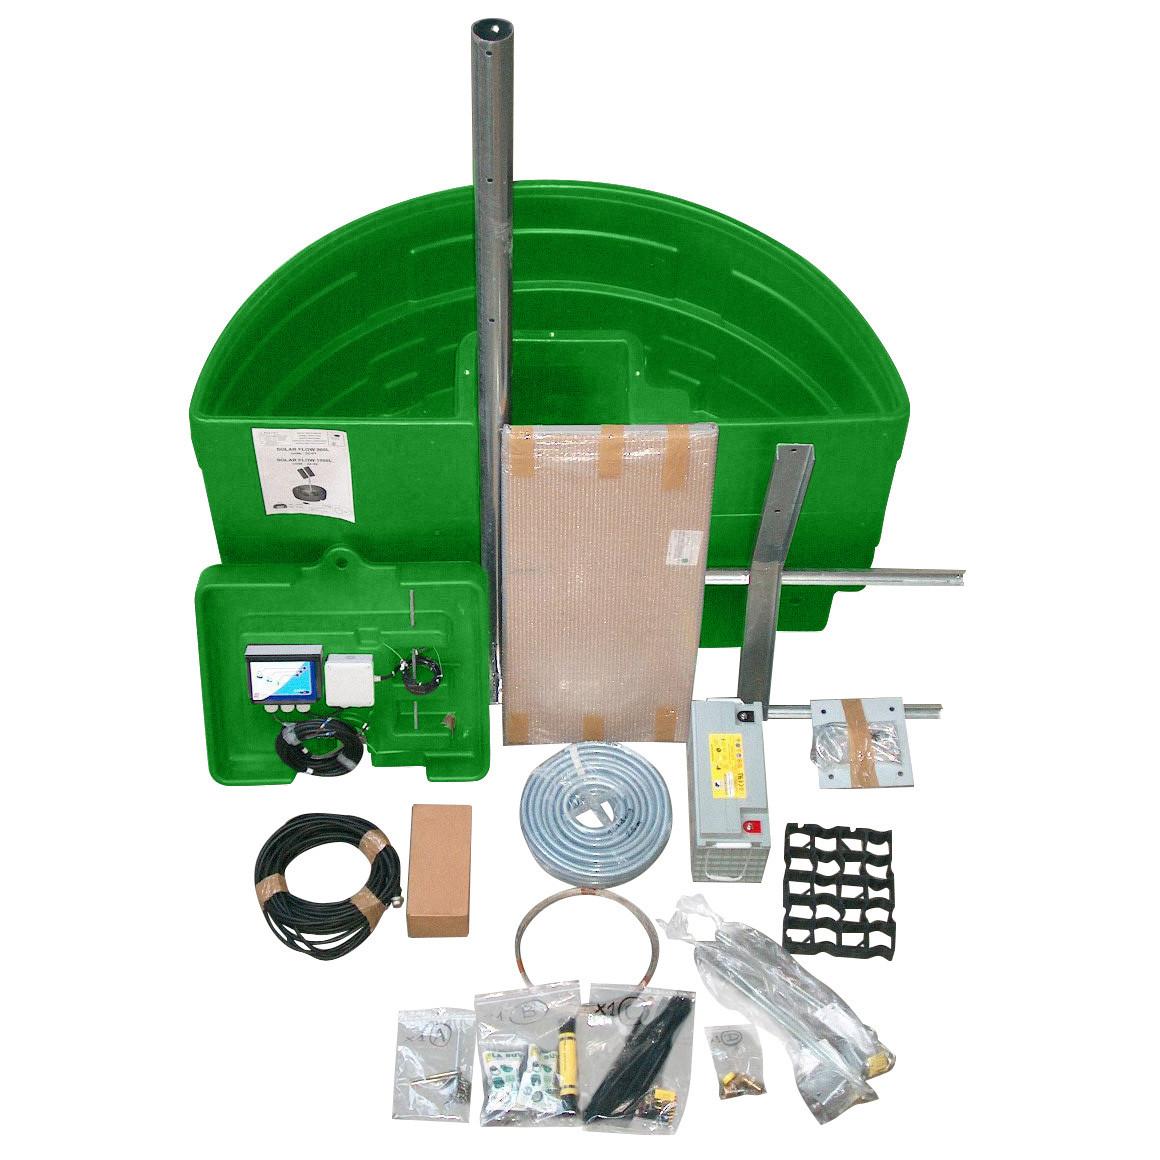 Abreuvoir à pompe solaire SOLAR-FLOW 900 L kit